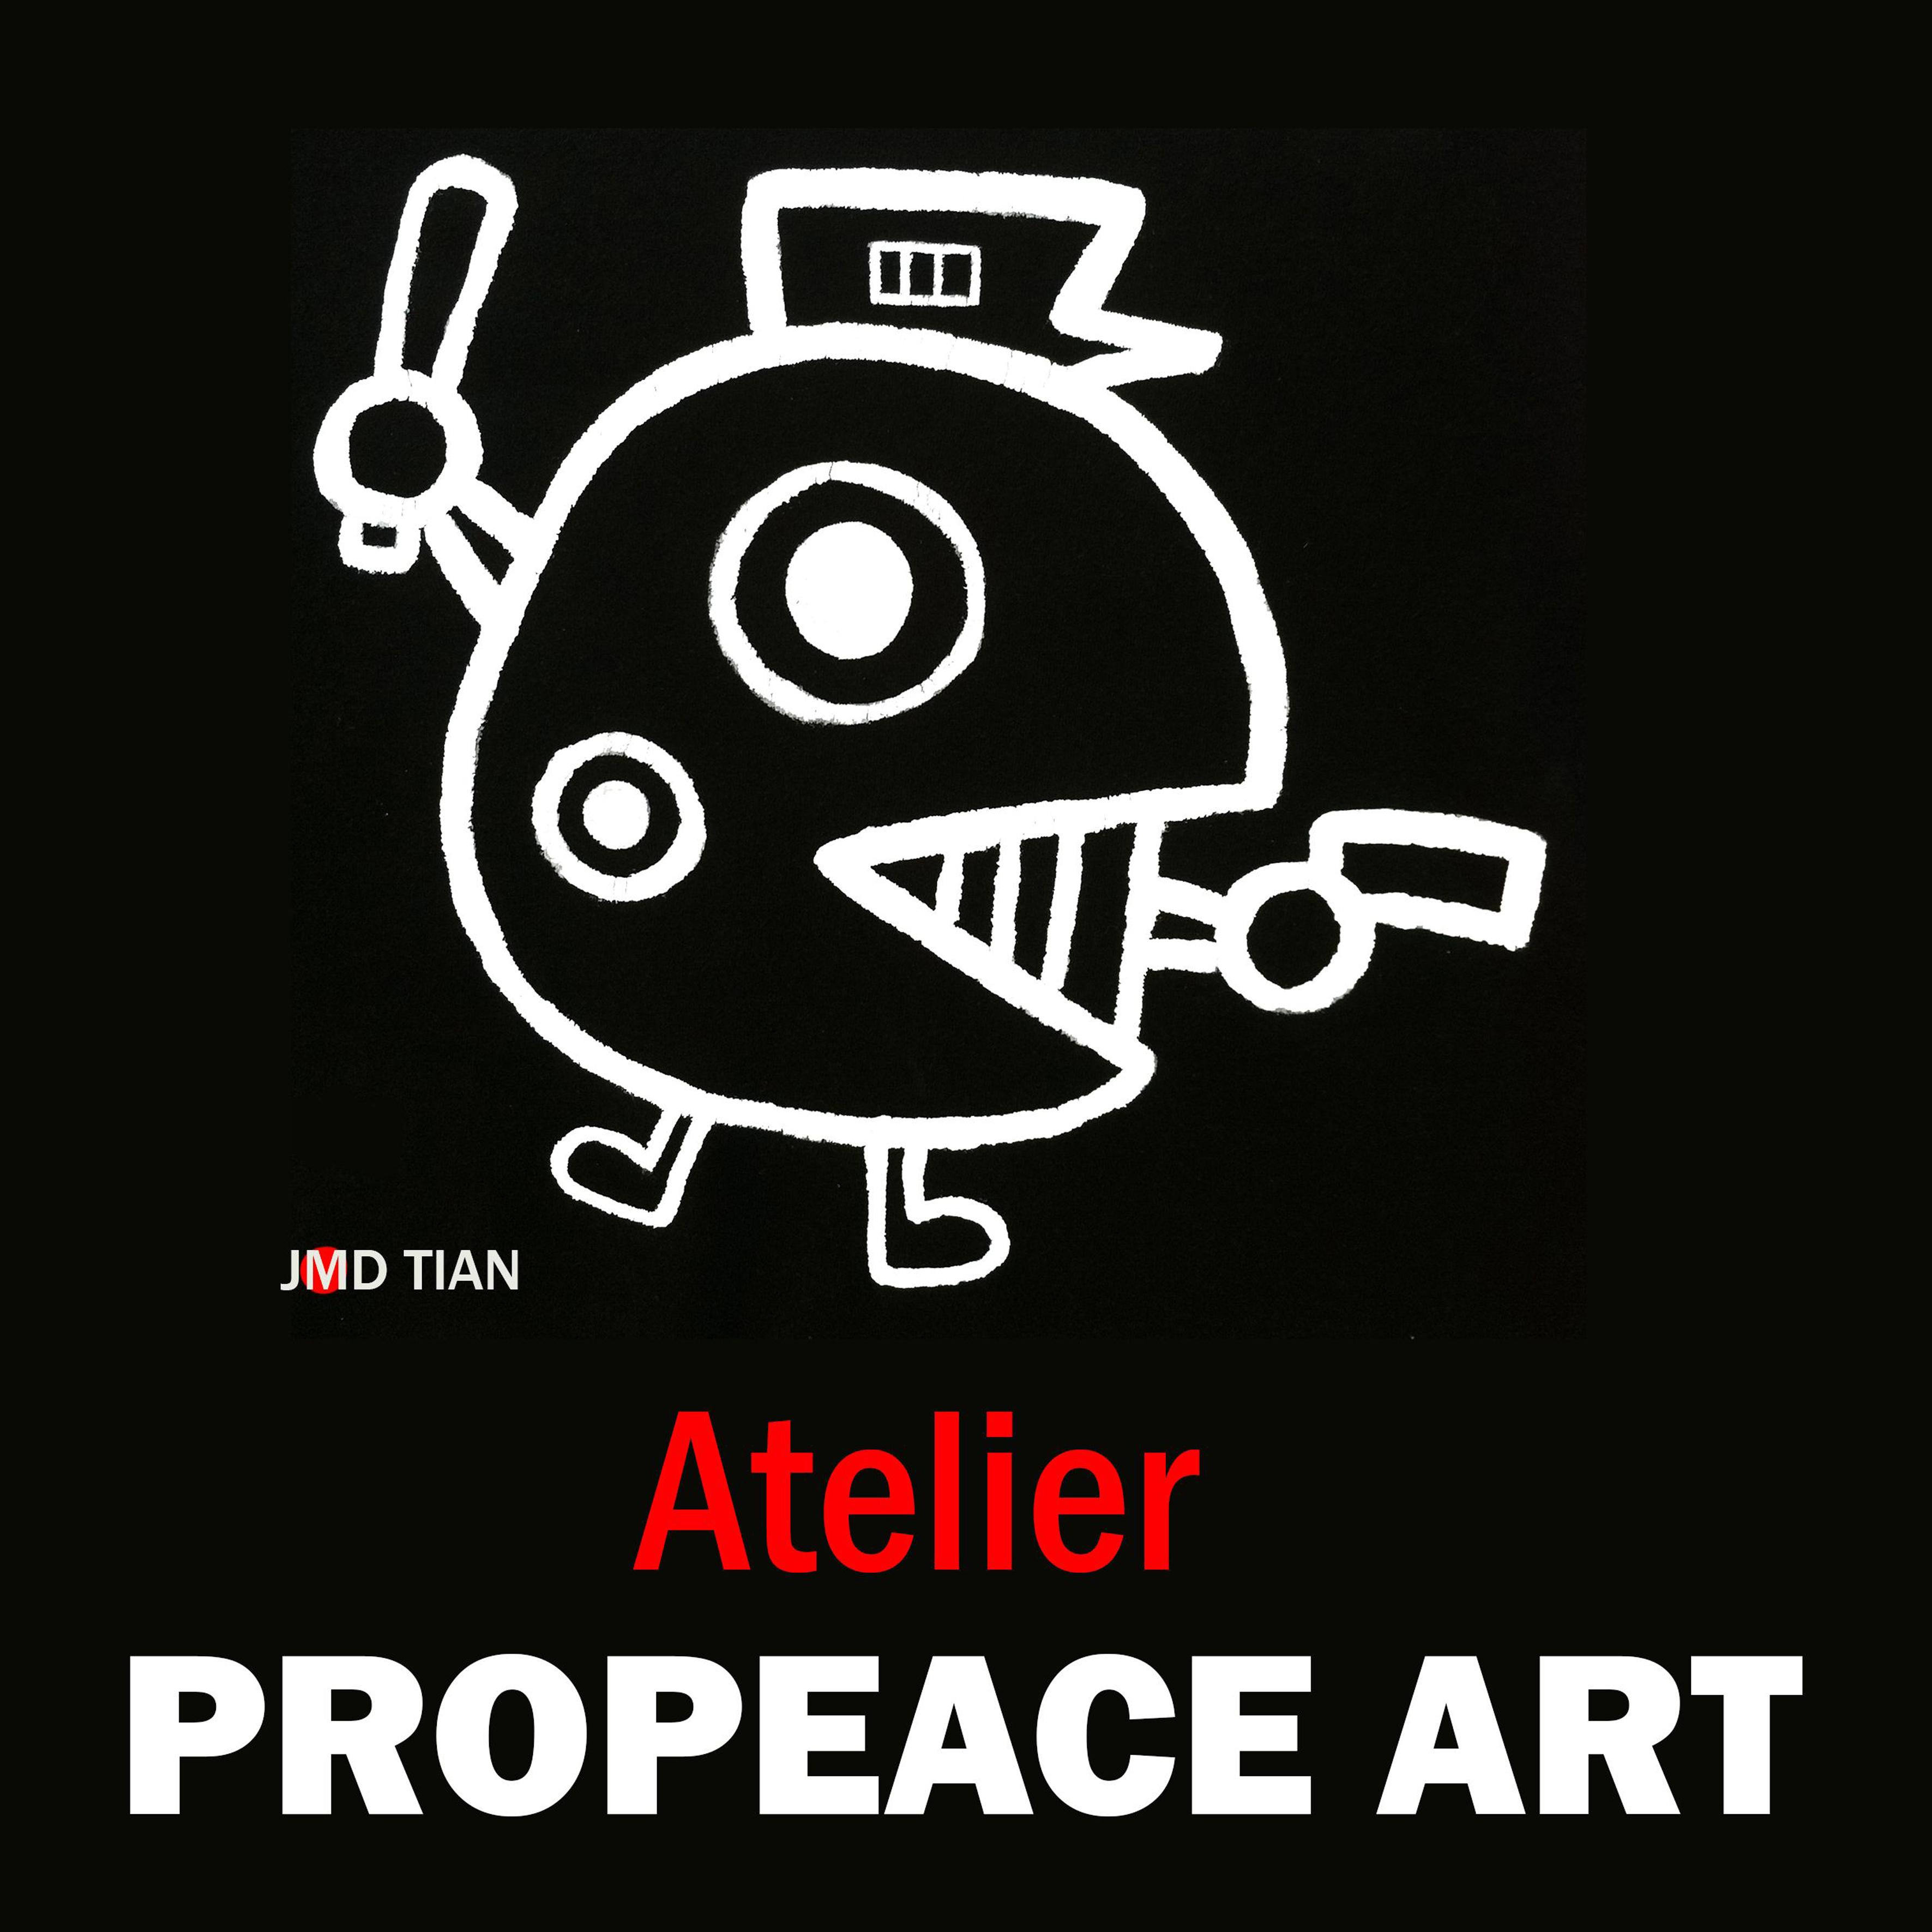 Propeace art